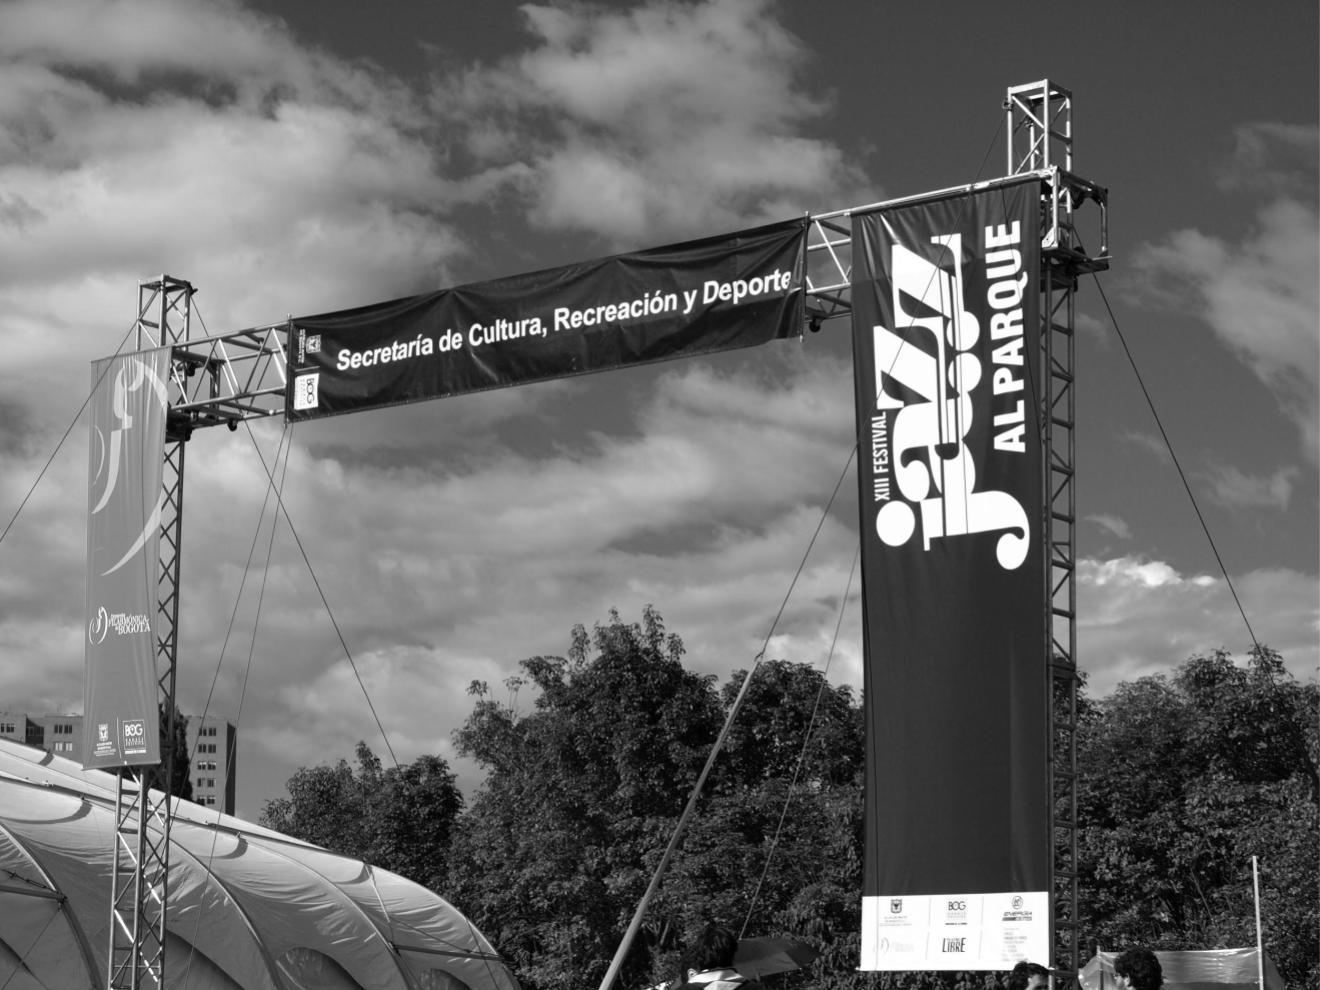 Main entrance and logo Jazz al Parque